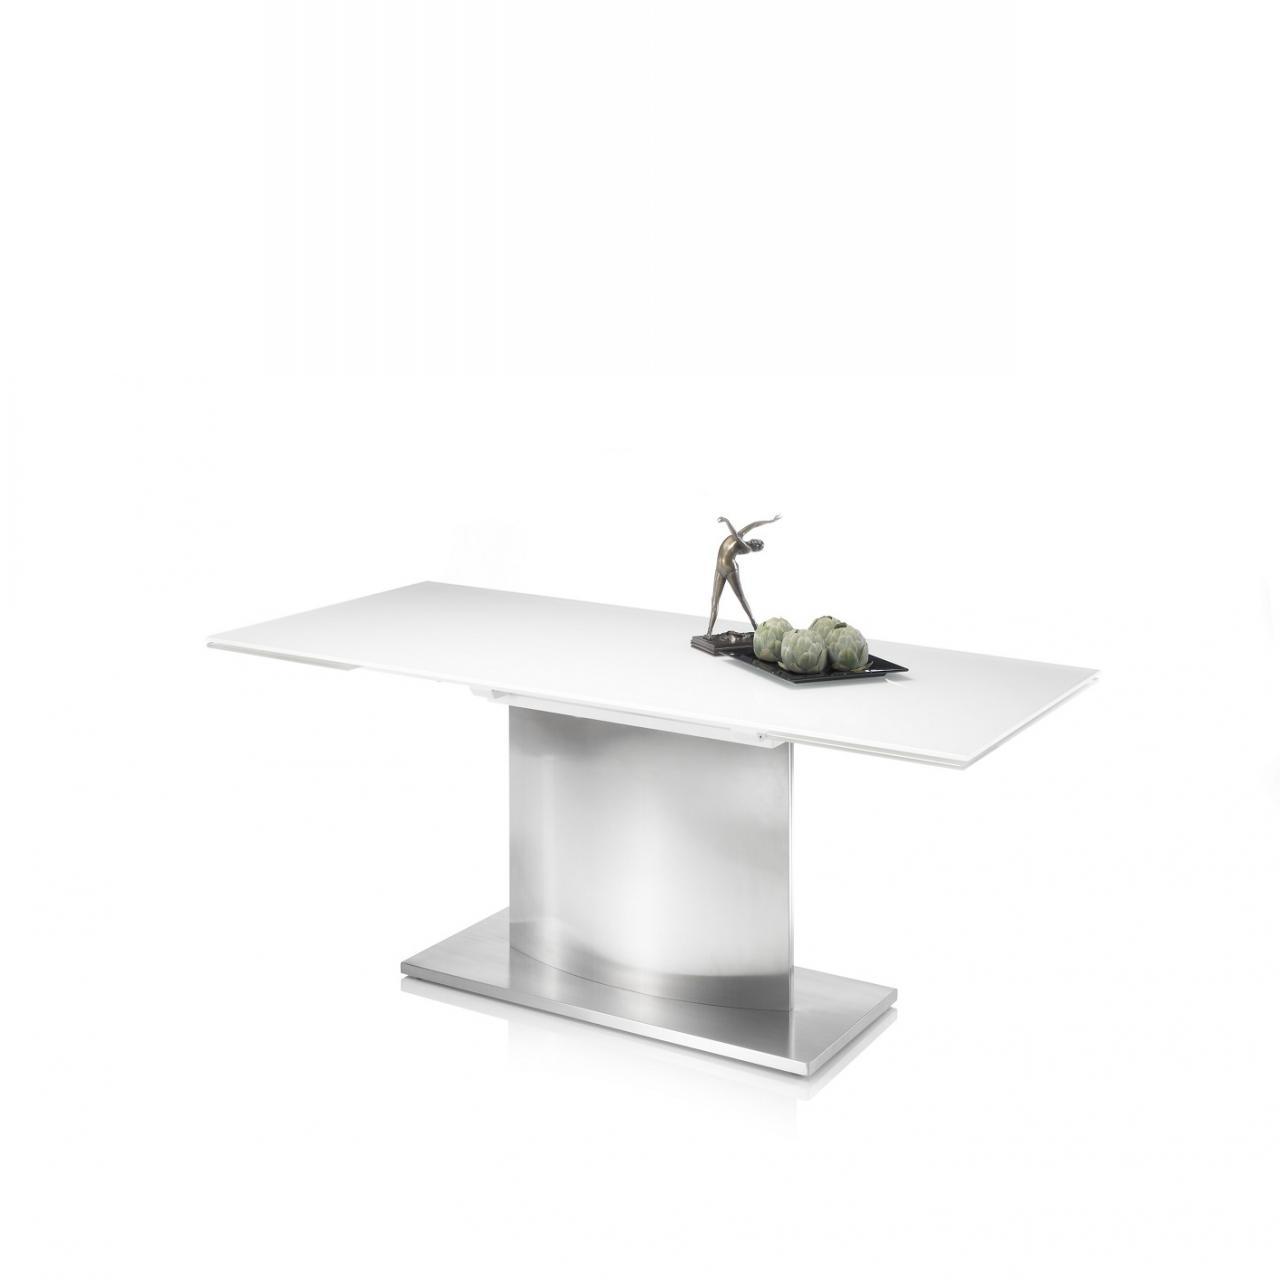 Esstisch Igor Super White Glas Edelstahl Ausziehbar Tisch